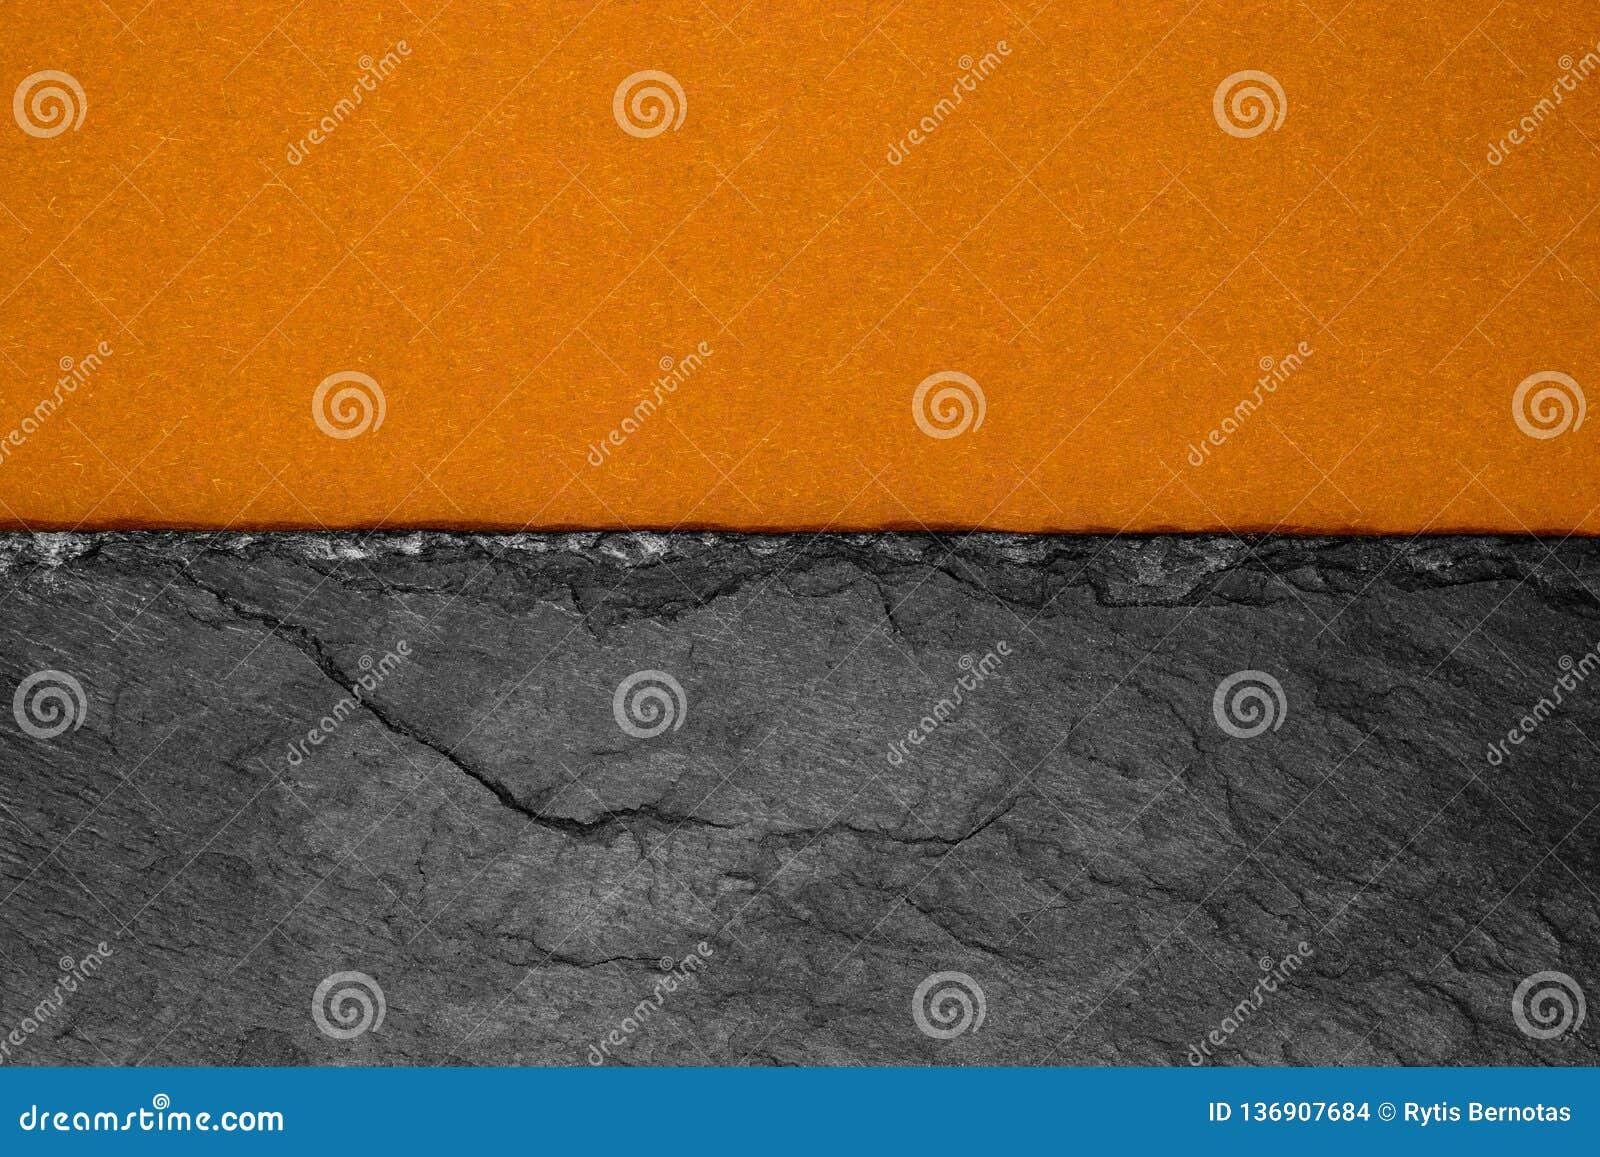 Αφηρημένη σύνθεση υποβάθρου διαιρεσμένος στο μισό ματ σκούρο παρτοκαλί έγγραφο χρώματος και τη μαύρη πέτρα με το διάστημα αντιγρά